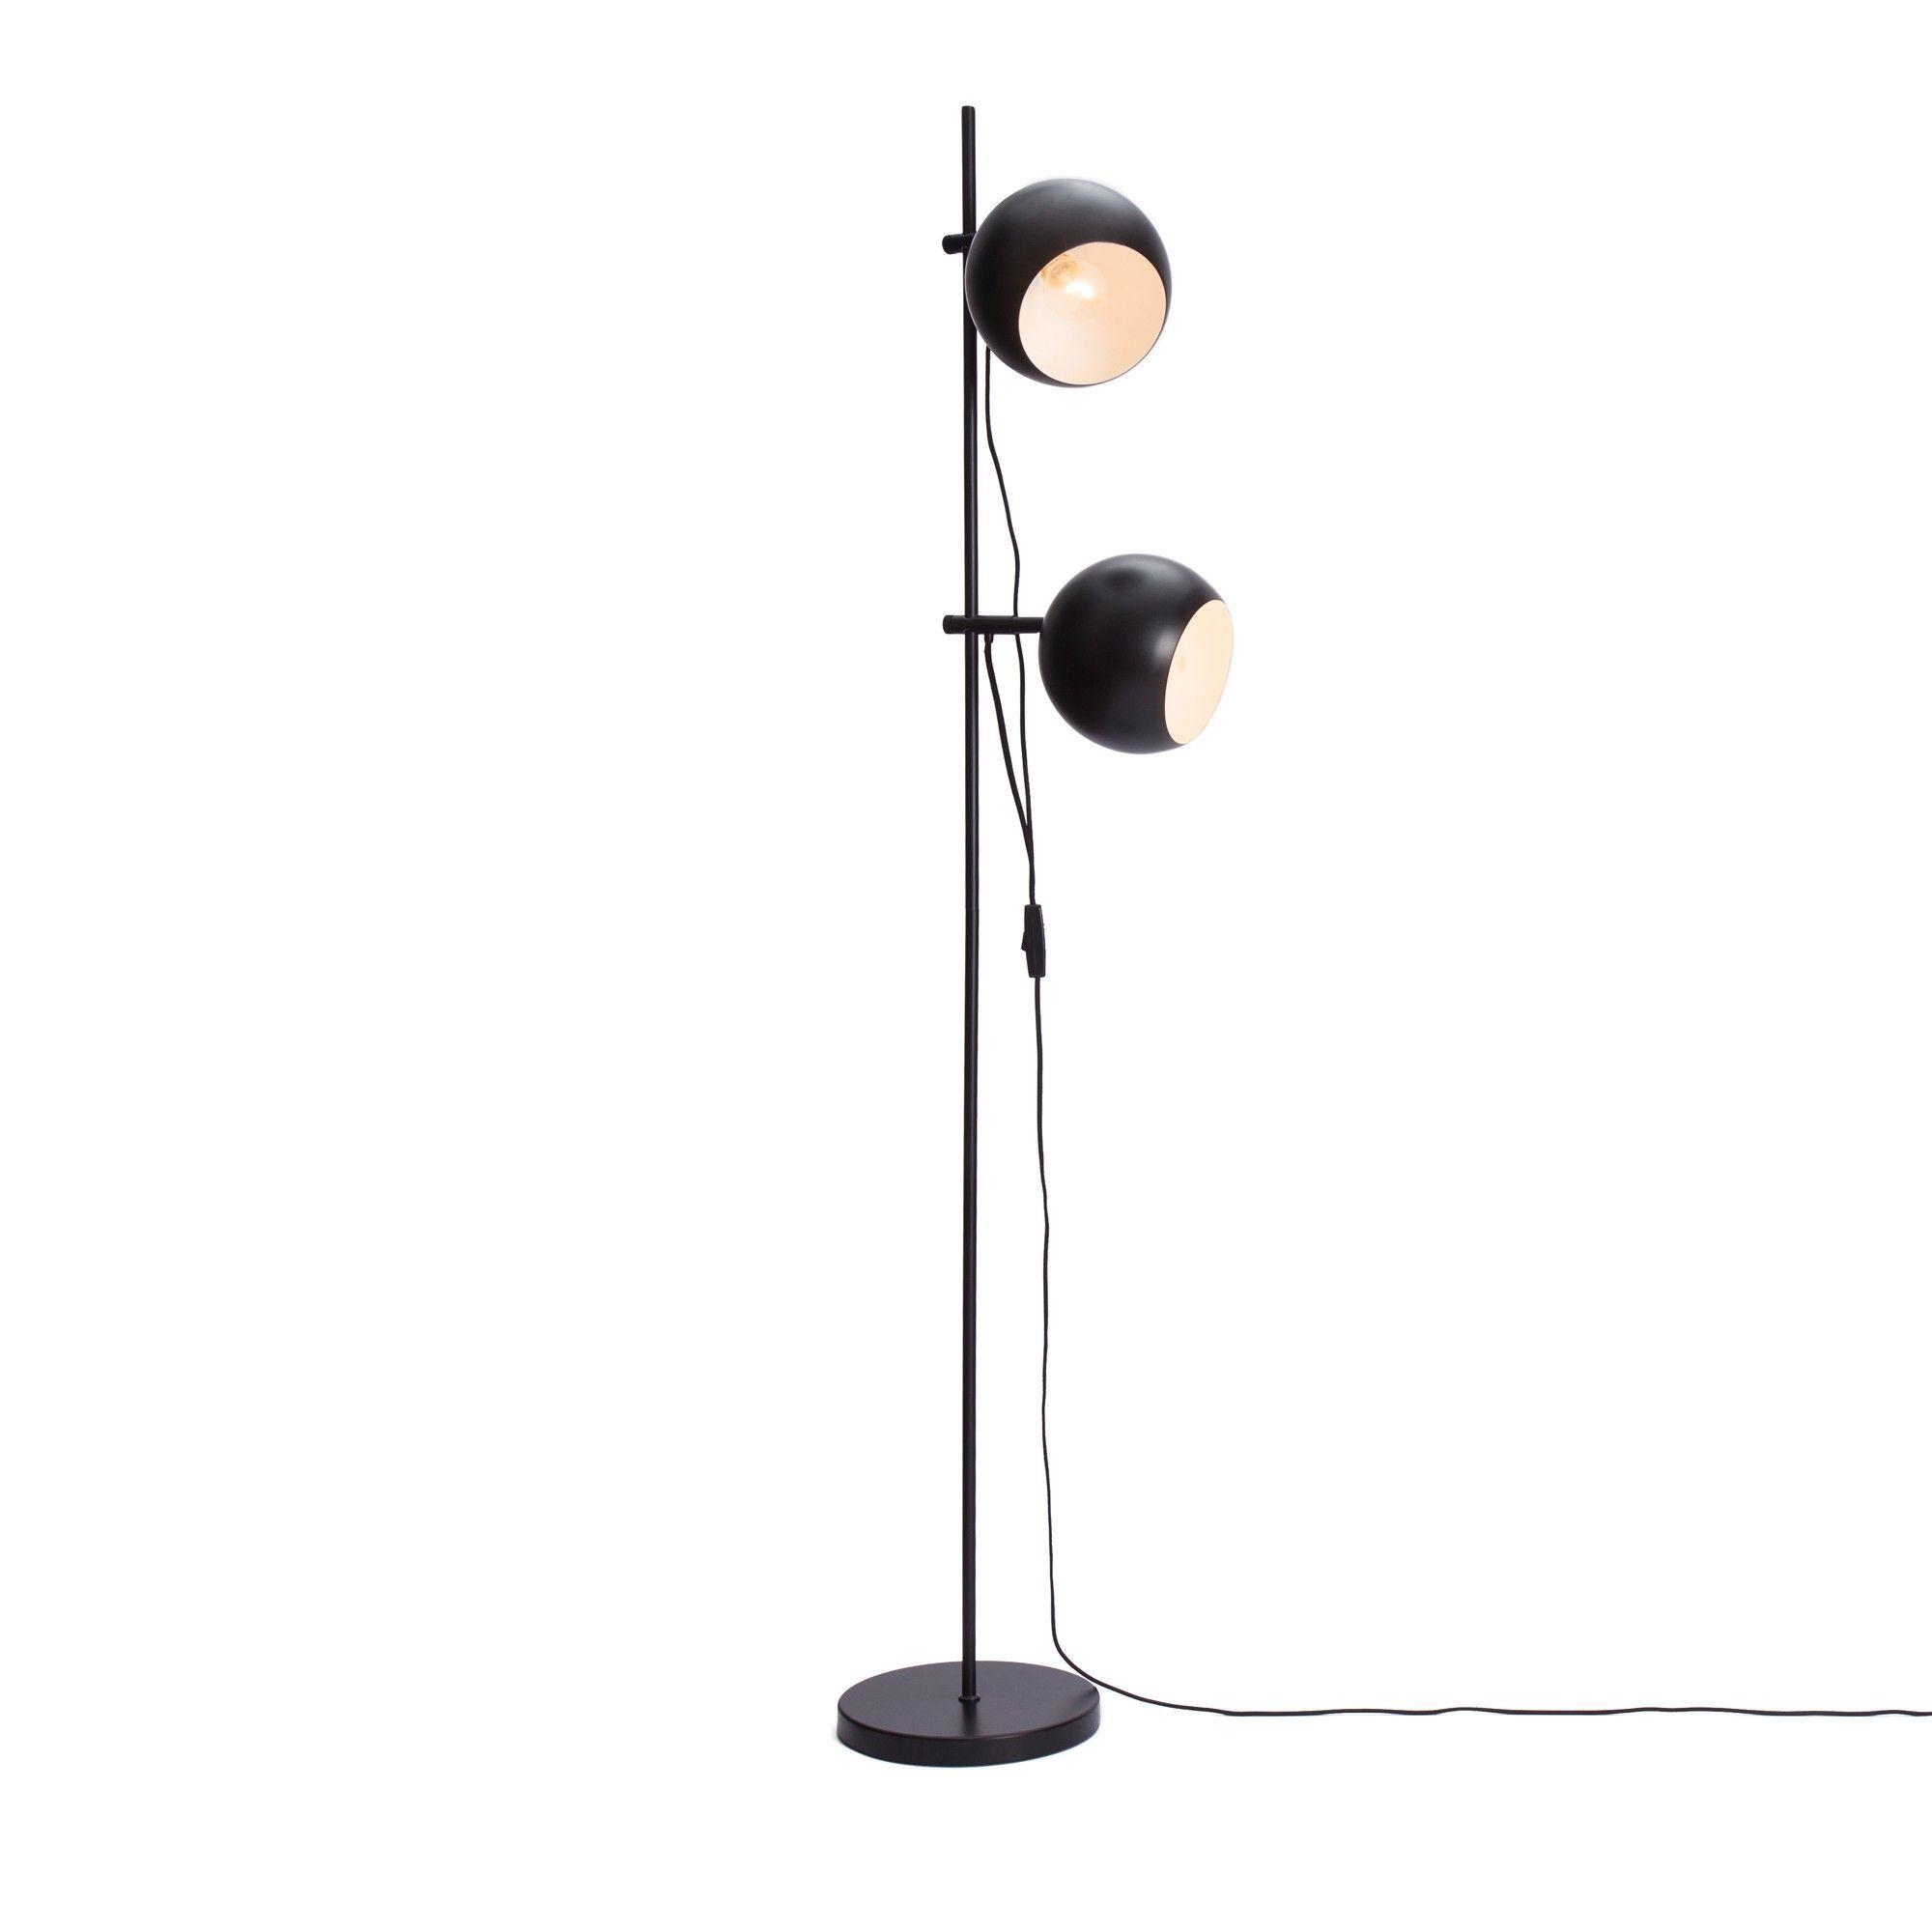 schoene ideen lampenwelt stehlampe abkühlen images oder abddfbfdefeec